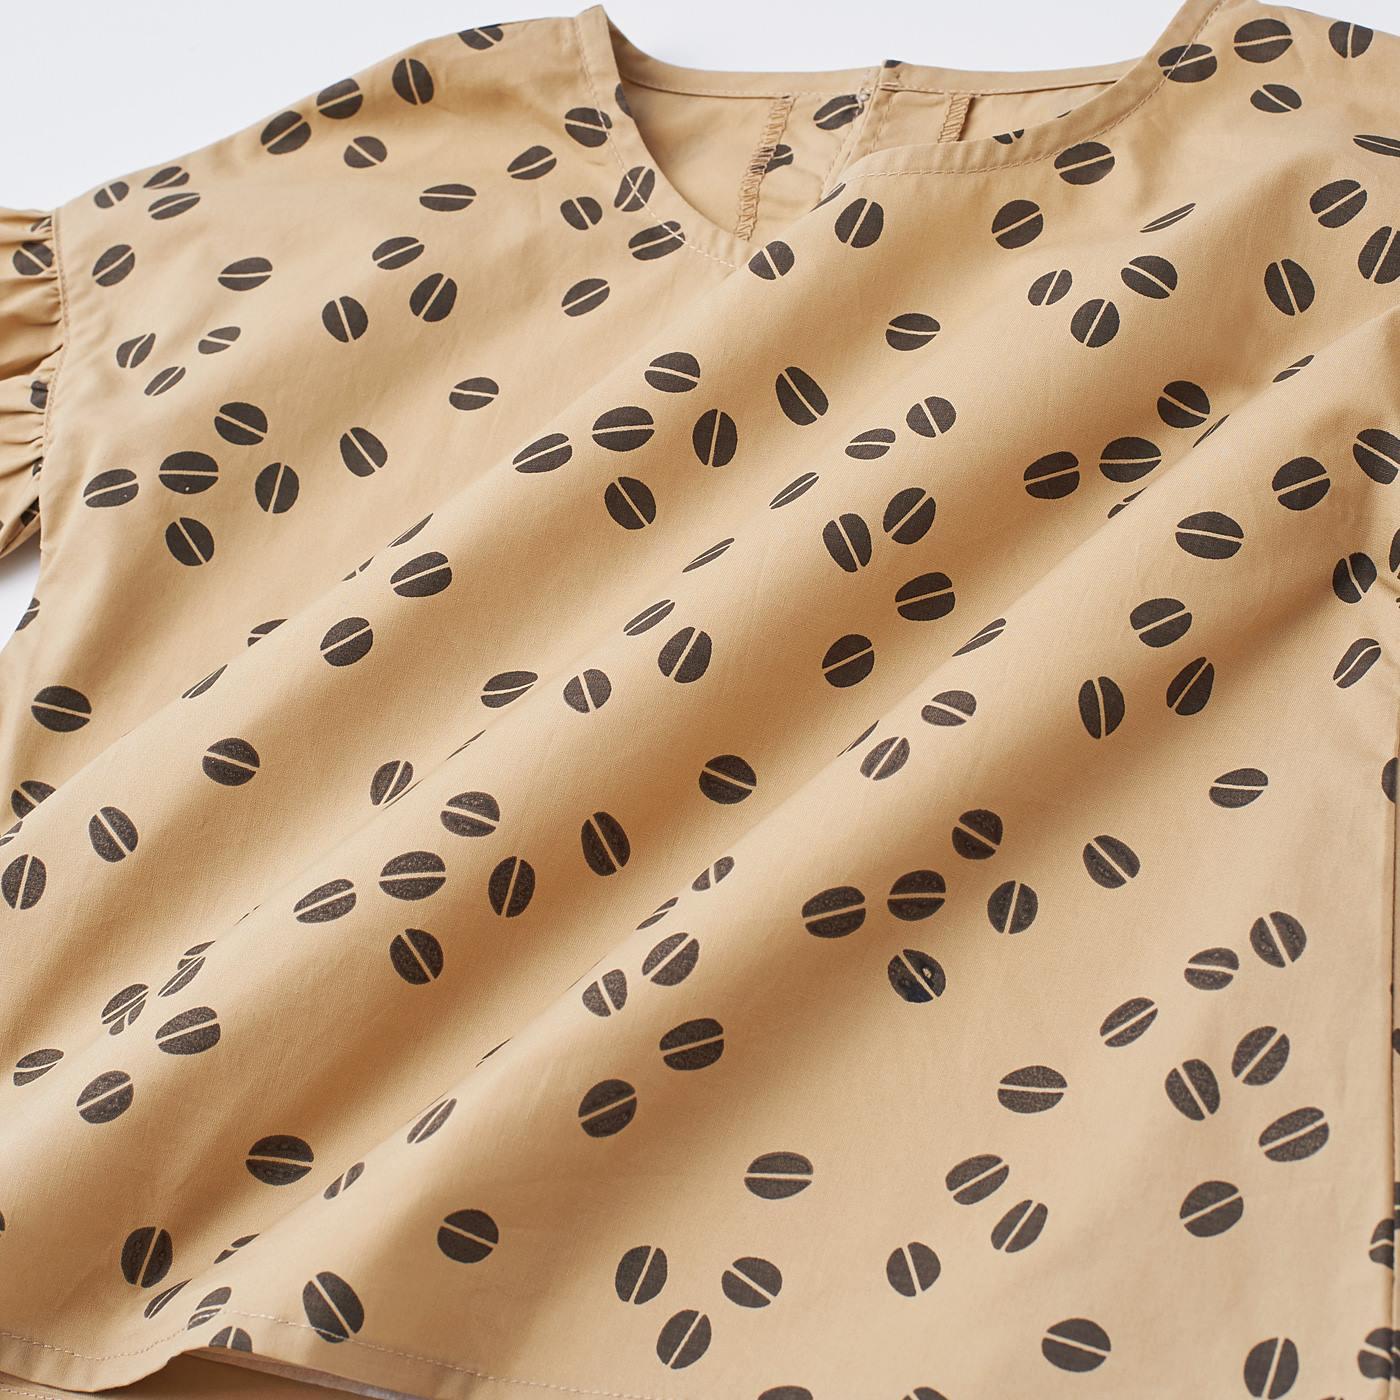 綿100%の布はく素材、カフェオレカラー×コーヒー豆プリントの組み合わせがかわいい。